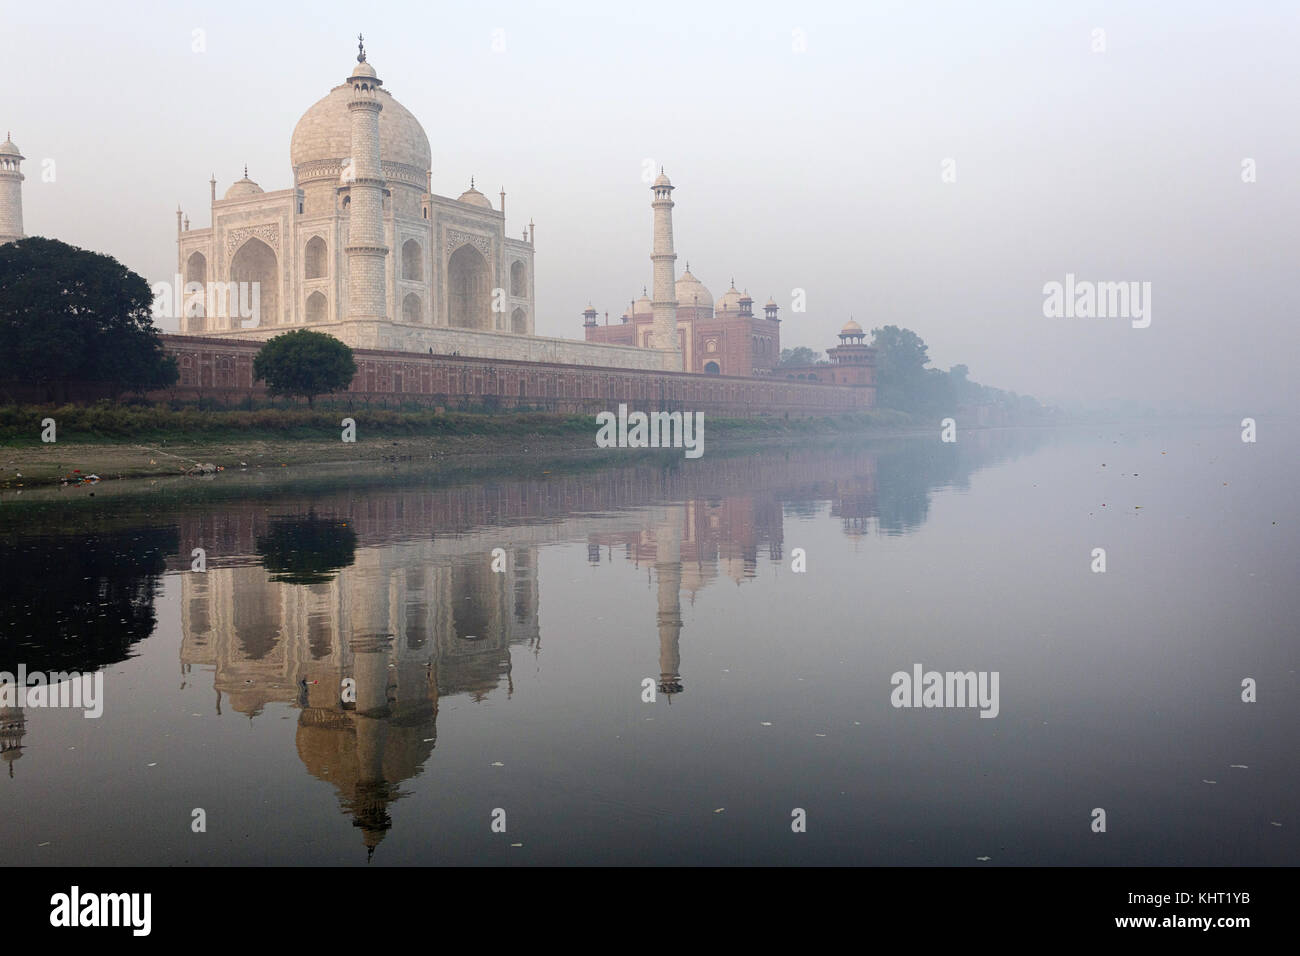 Morgen Reflexion der Taj Mahal in Yamuna-fluss, Weltkulturerbe der UNESCO, Agra, Uttar Pradesh, Indien, Asien Stockbild